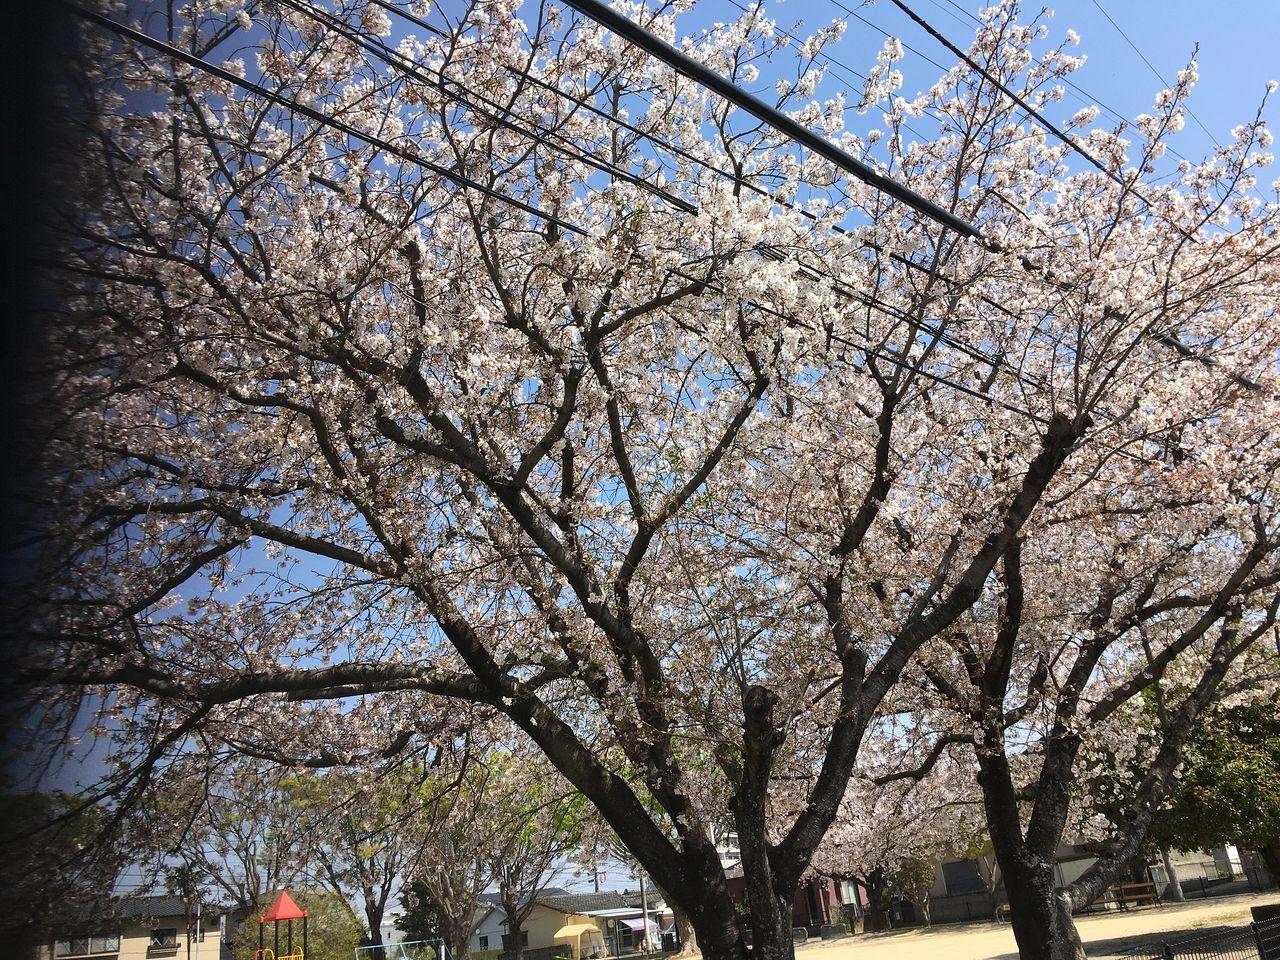 熊本市東区沼山津・沼山津公園の桜、今年は開花が早かった分新緑に変わるのも早かったです